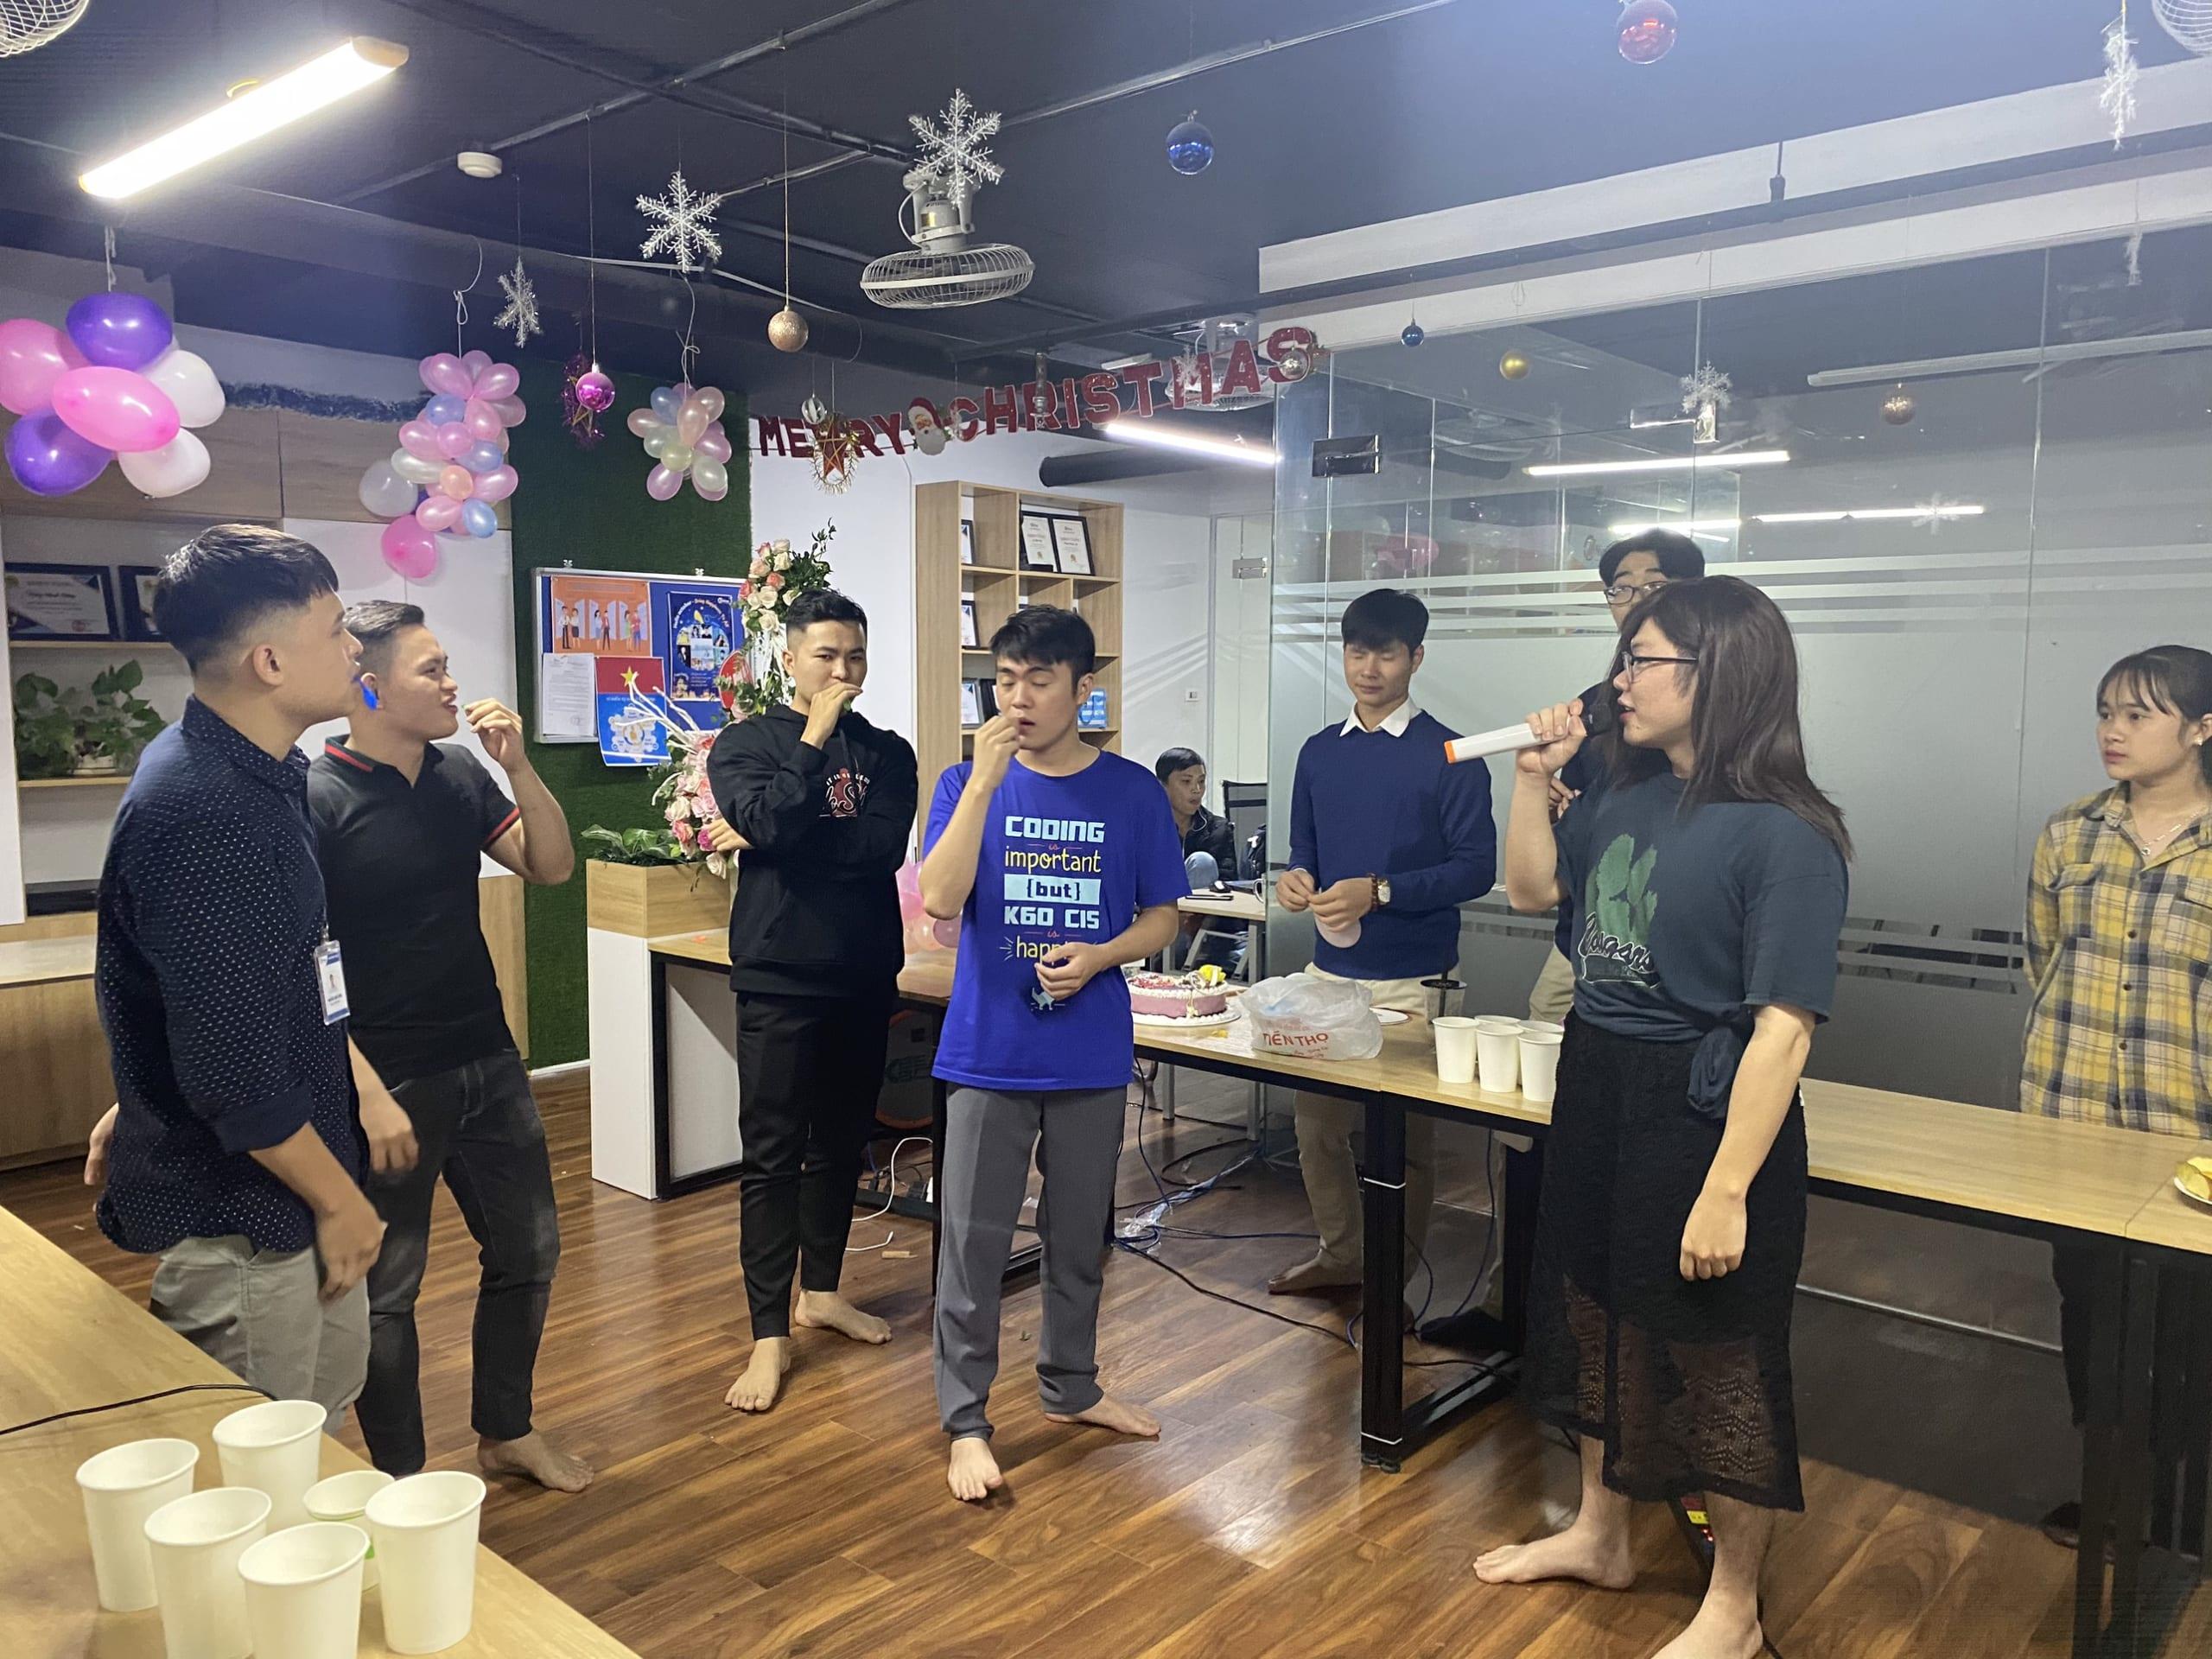 mung ngay phu nu viet nam scaled Phần mềm Ninja: Đại tiệc sinh nhật thành viên tháng 10 với nhiều bất ngờ, thú vị